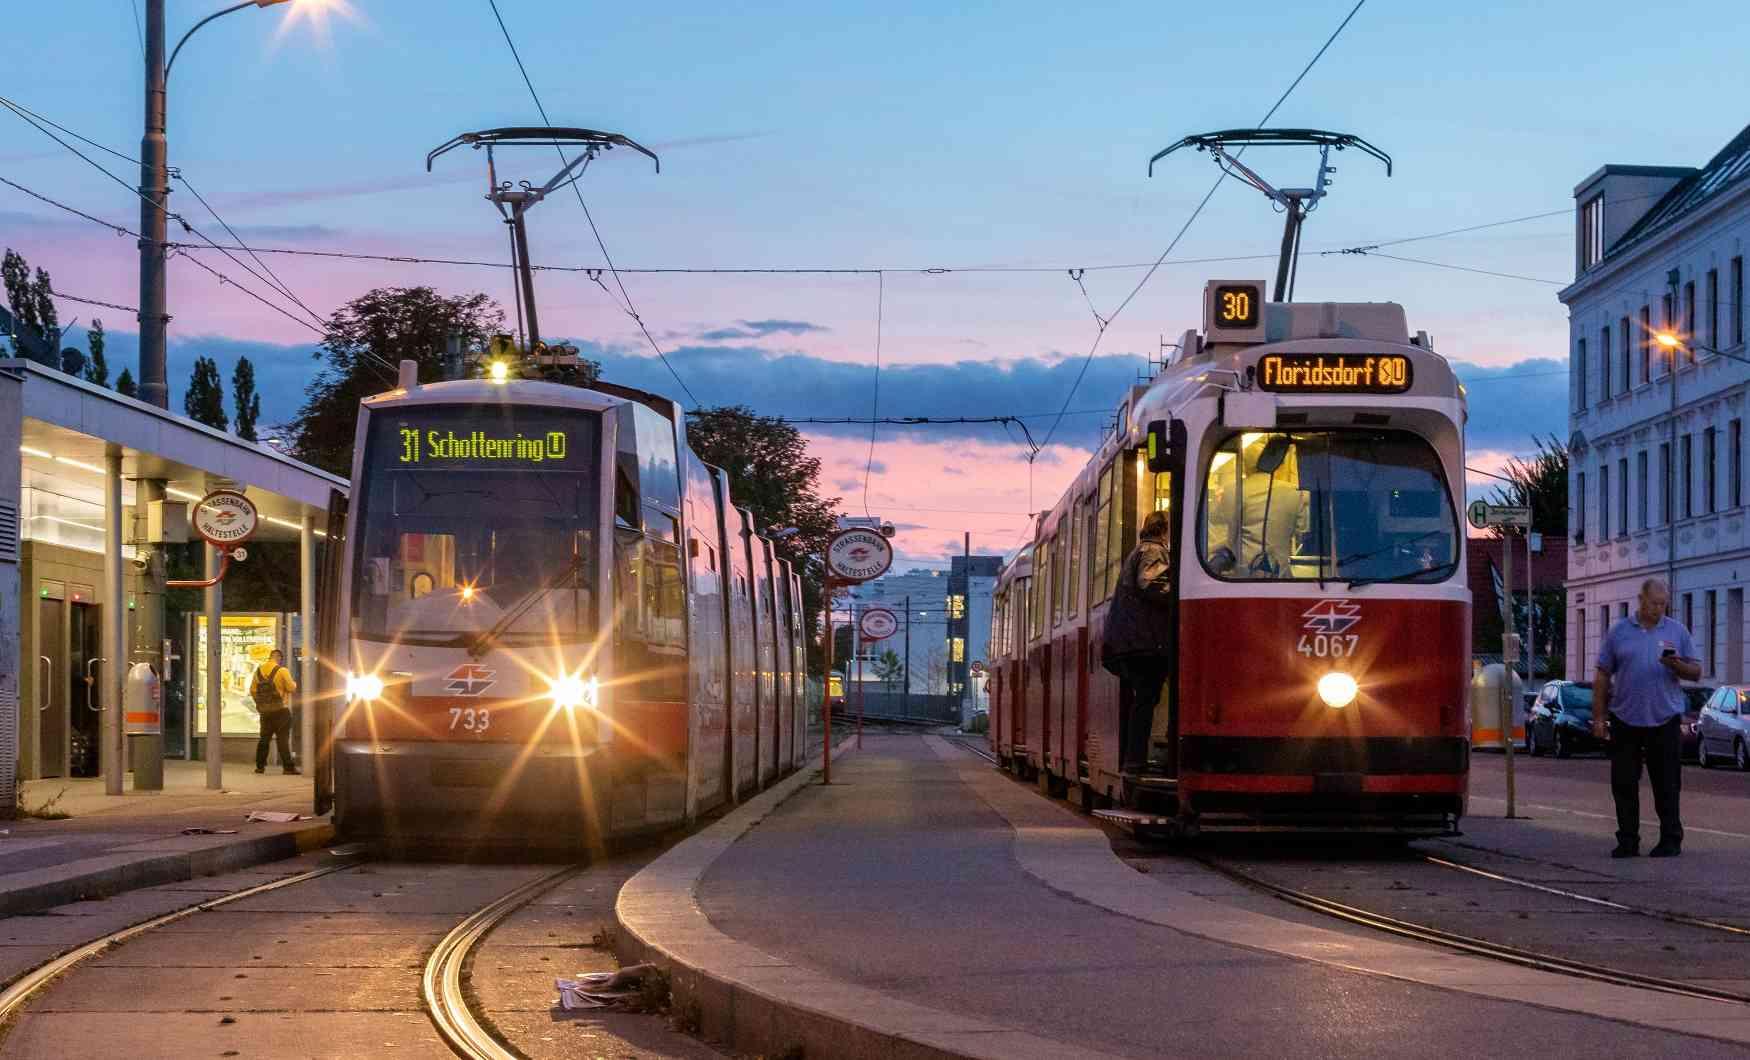 Linie 31 und 30 in Stammersdorf.